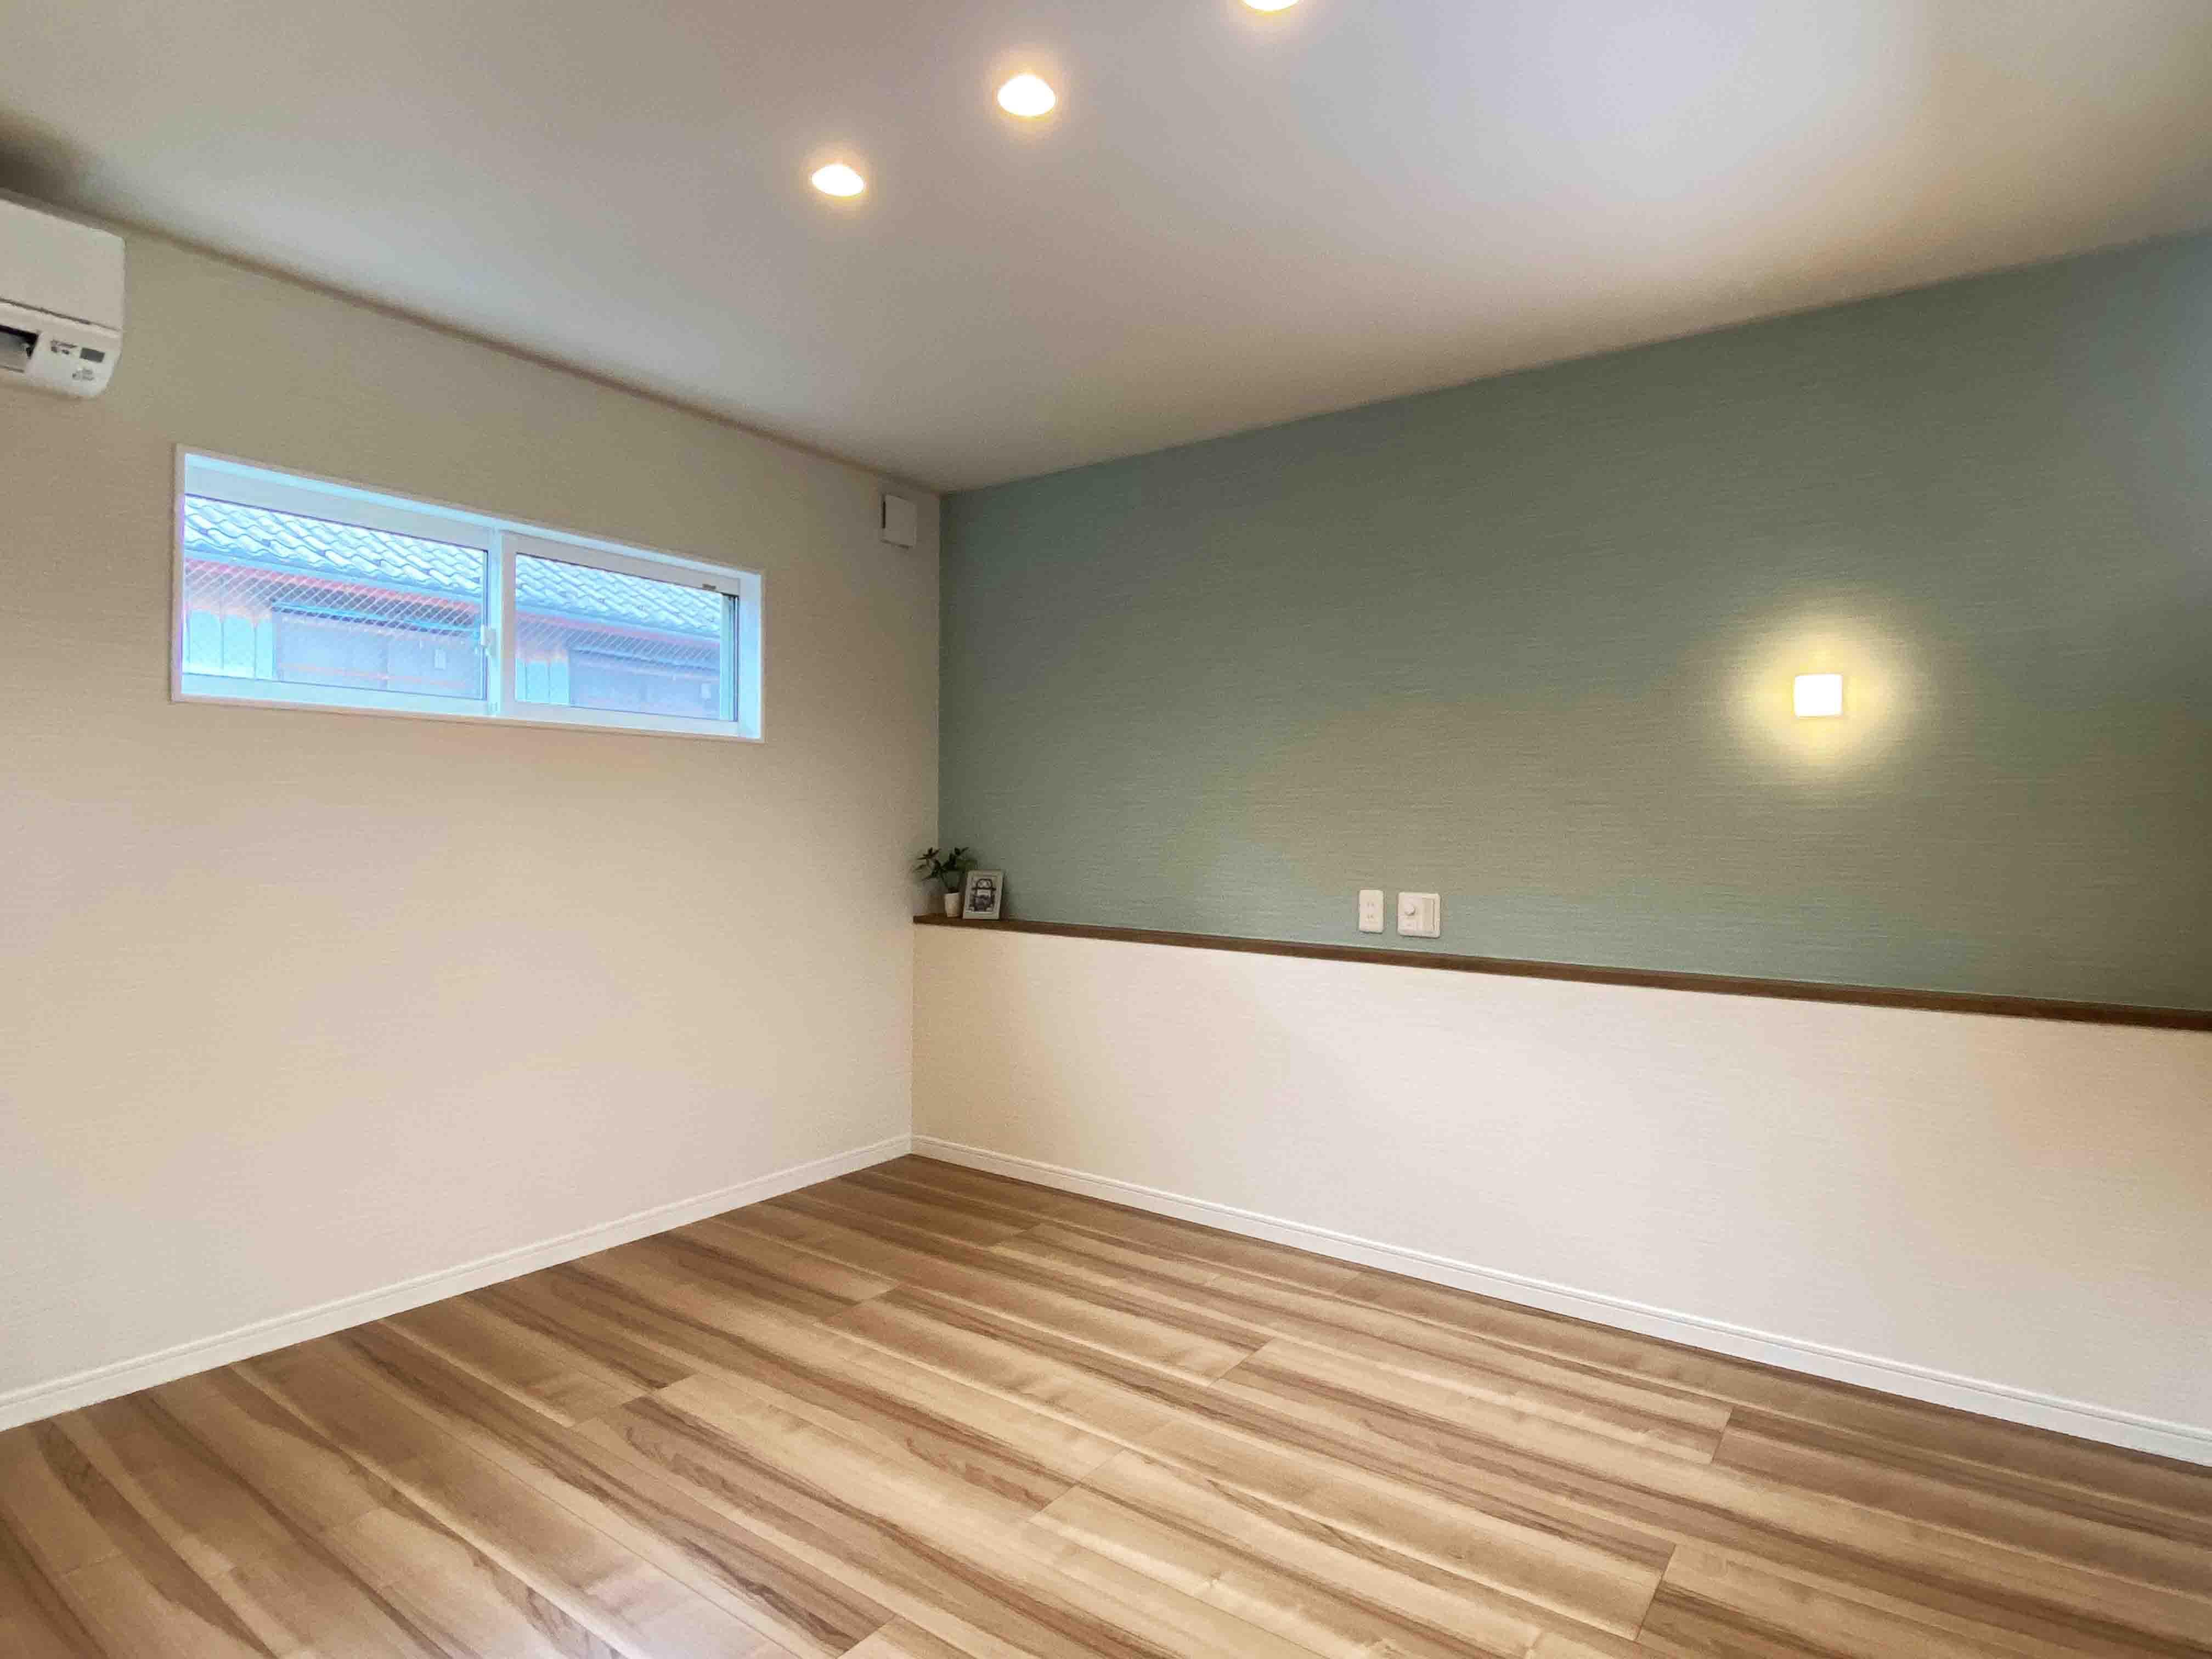 株式会社アンドクリエイト「うちカフェが楽しくなる家」のシンプル・ナチュラルな居室の実例写真